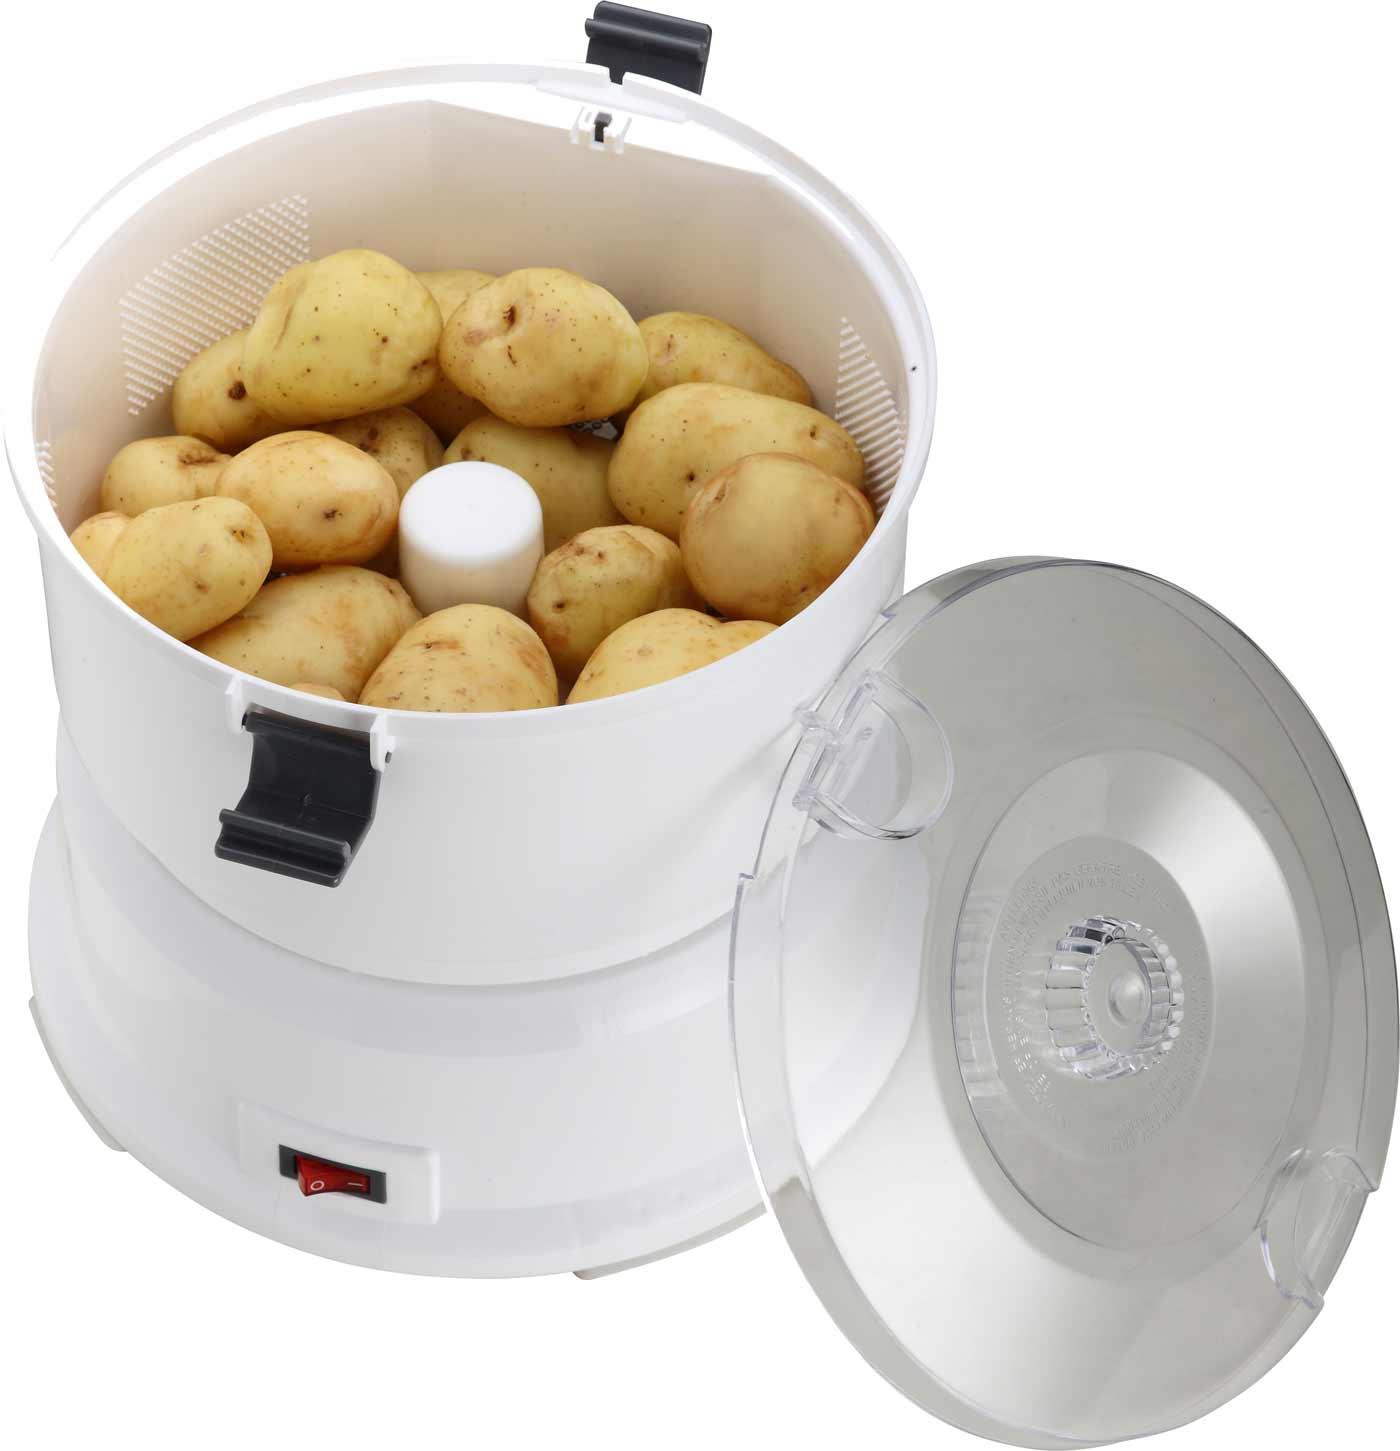 Kartoffelschälmaschine 646120 – Bild 1